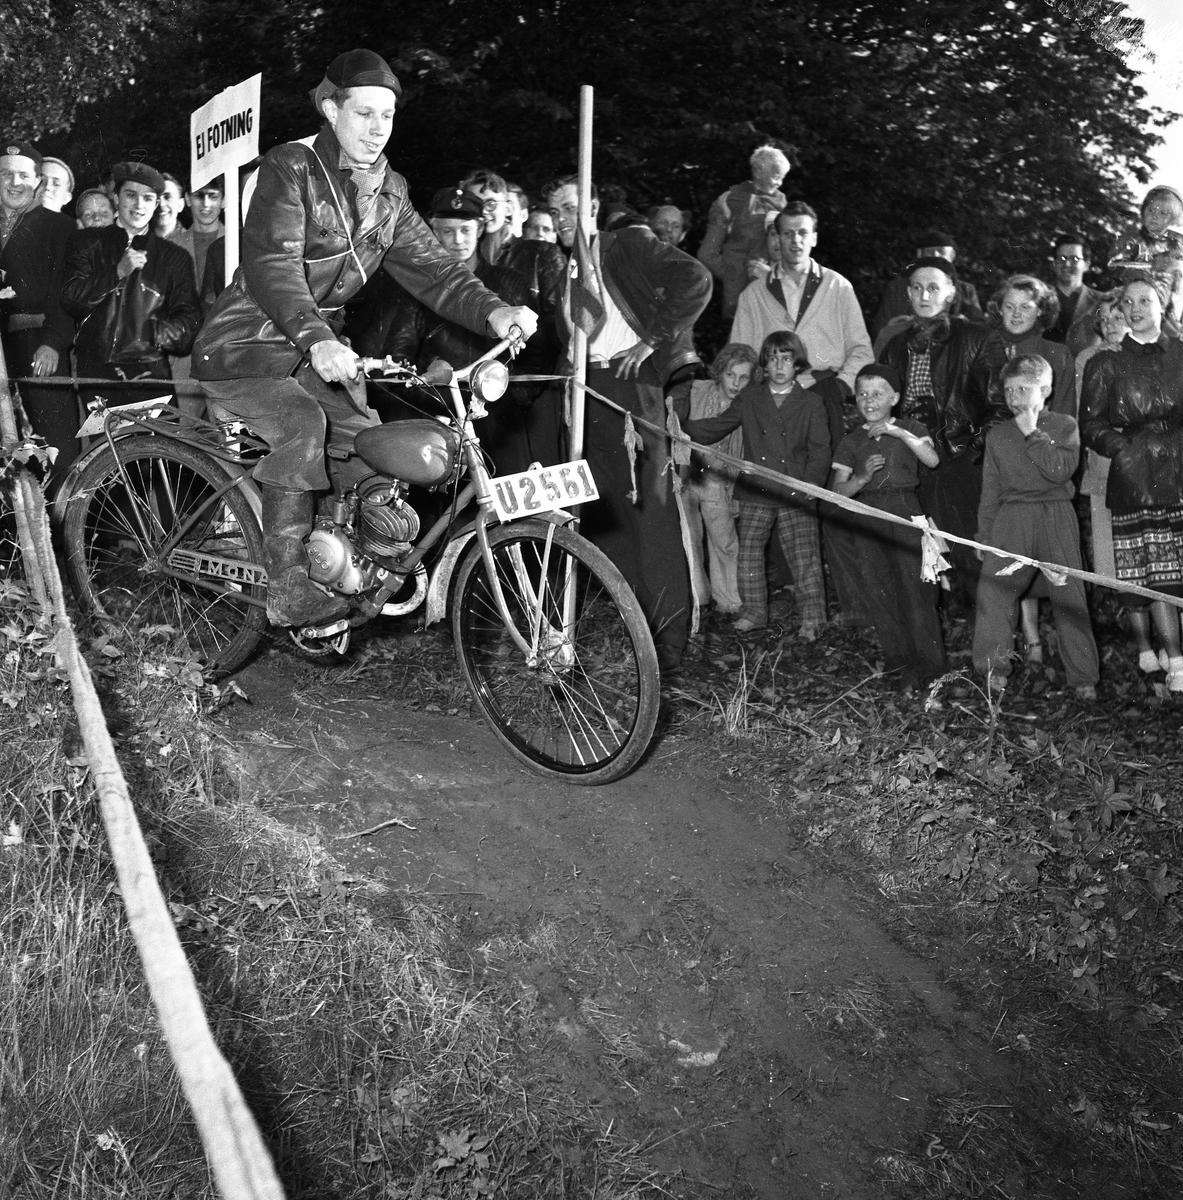 Arbogas Stjärnknutte Tävling i terrängkörning med motorcykel. Publiken står alldeles intill banan.